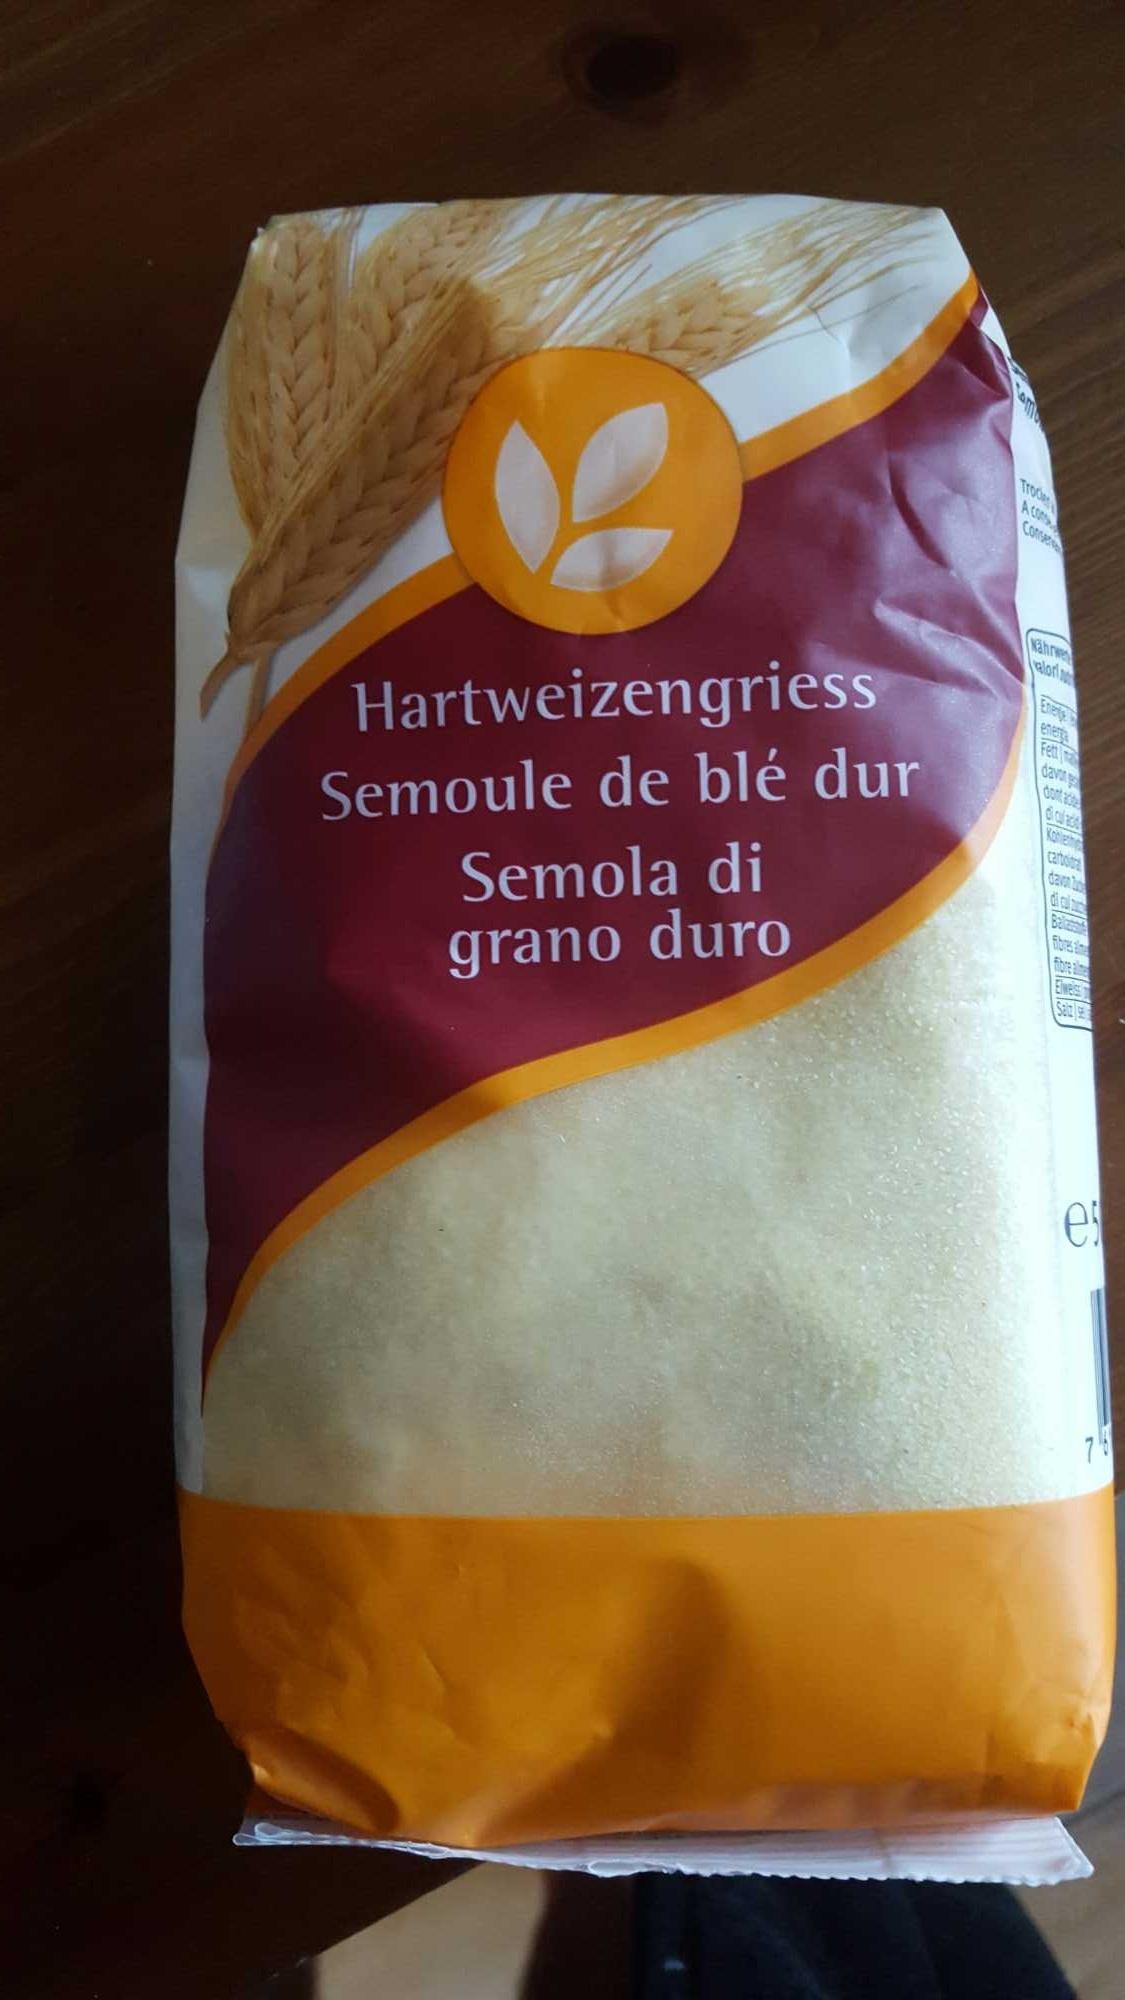 Semoule de blé dur - Product